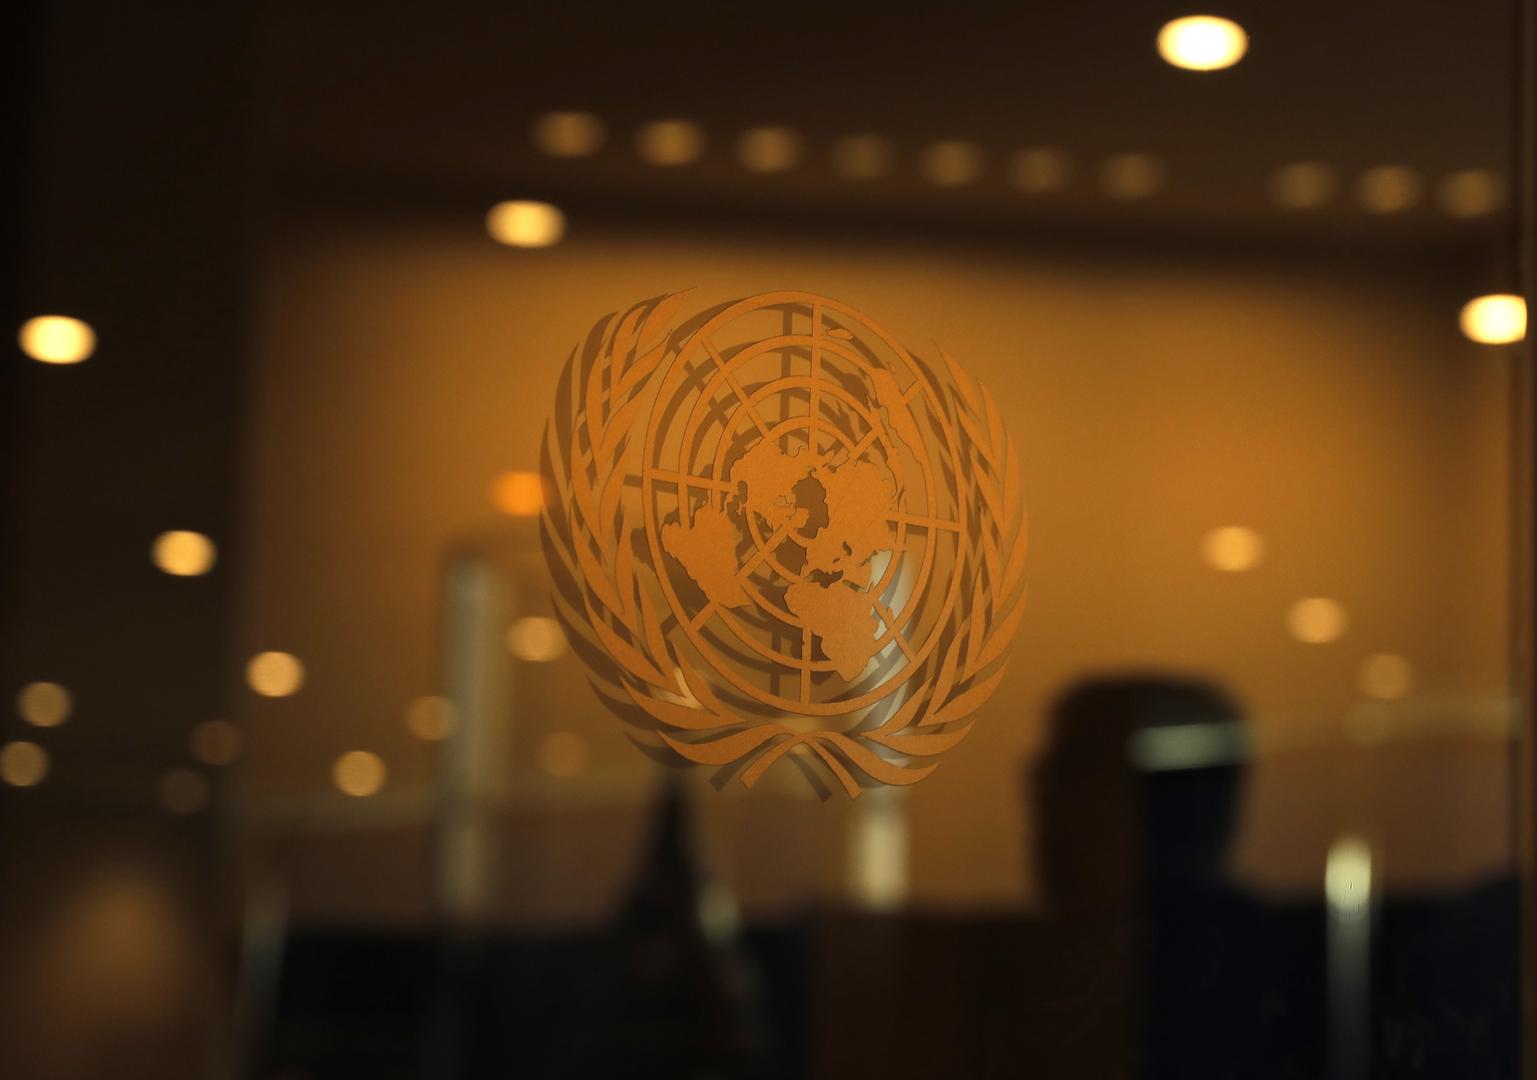 الأمم المتحدة تعلن قائمة مرشحين لإدارة الحكومة الانتقالية الليبية